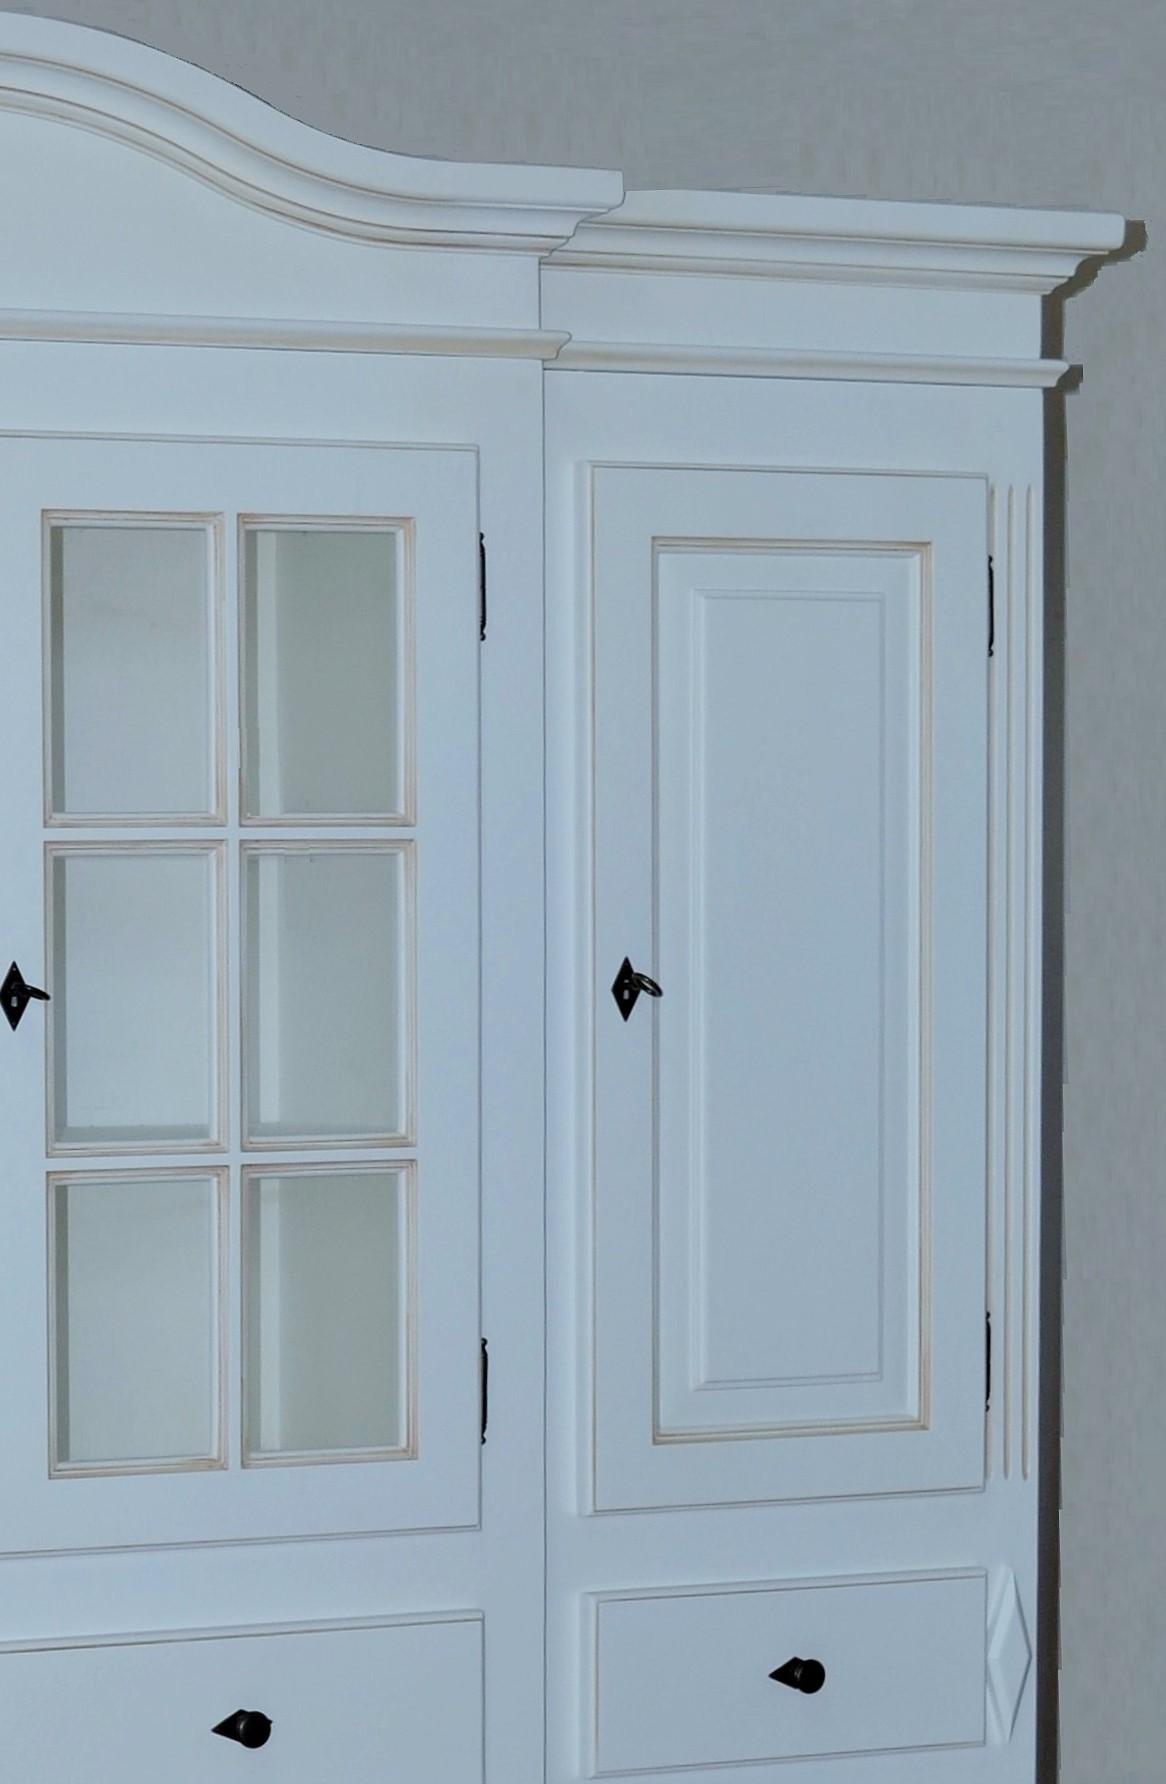 aktiv wohnwand wallersee anbauwand schrankwand design fichte massiv landhaus wei lack. Black Bedroom Furniture Sets. Home Design Ideas